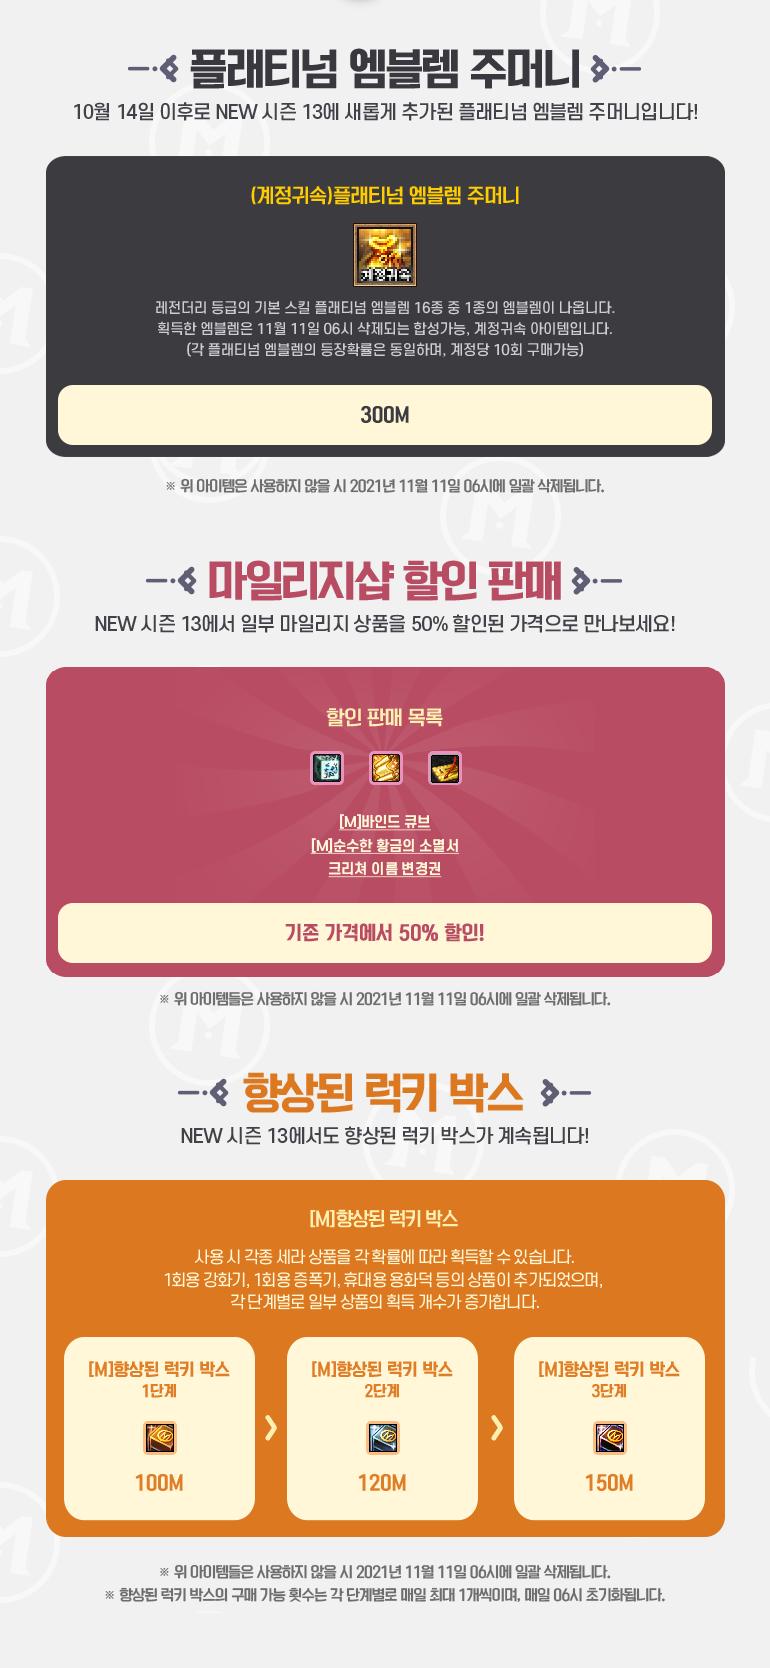 플레티넘 엠블렘 주머니 & 마일리지샵 할인 판매 & 향상된 럭키박스